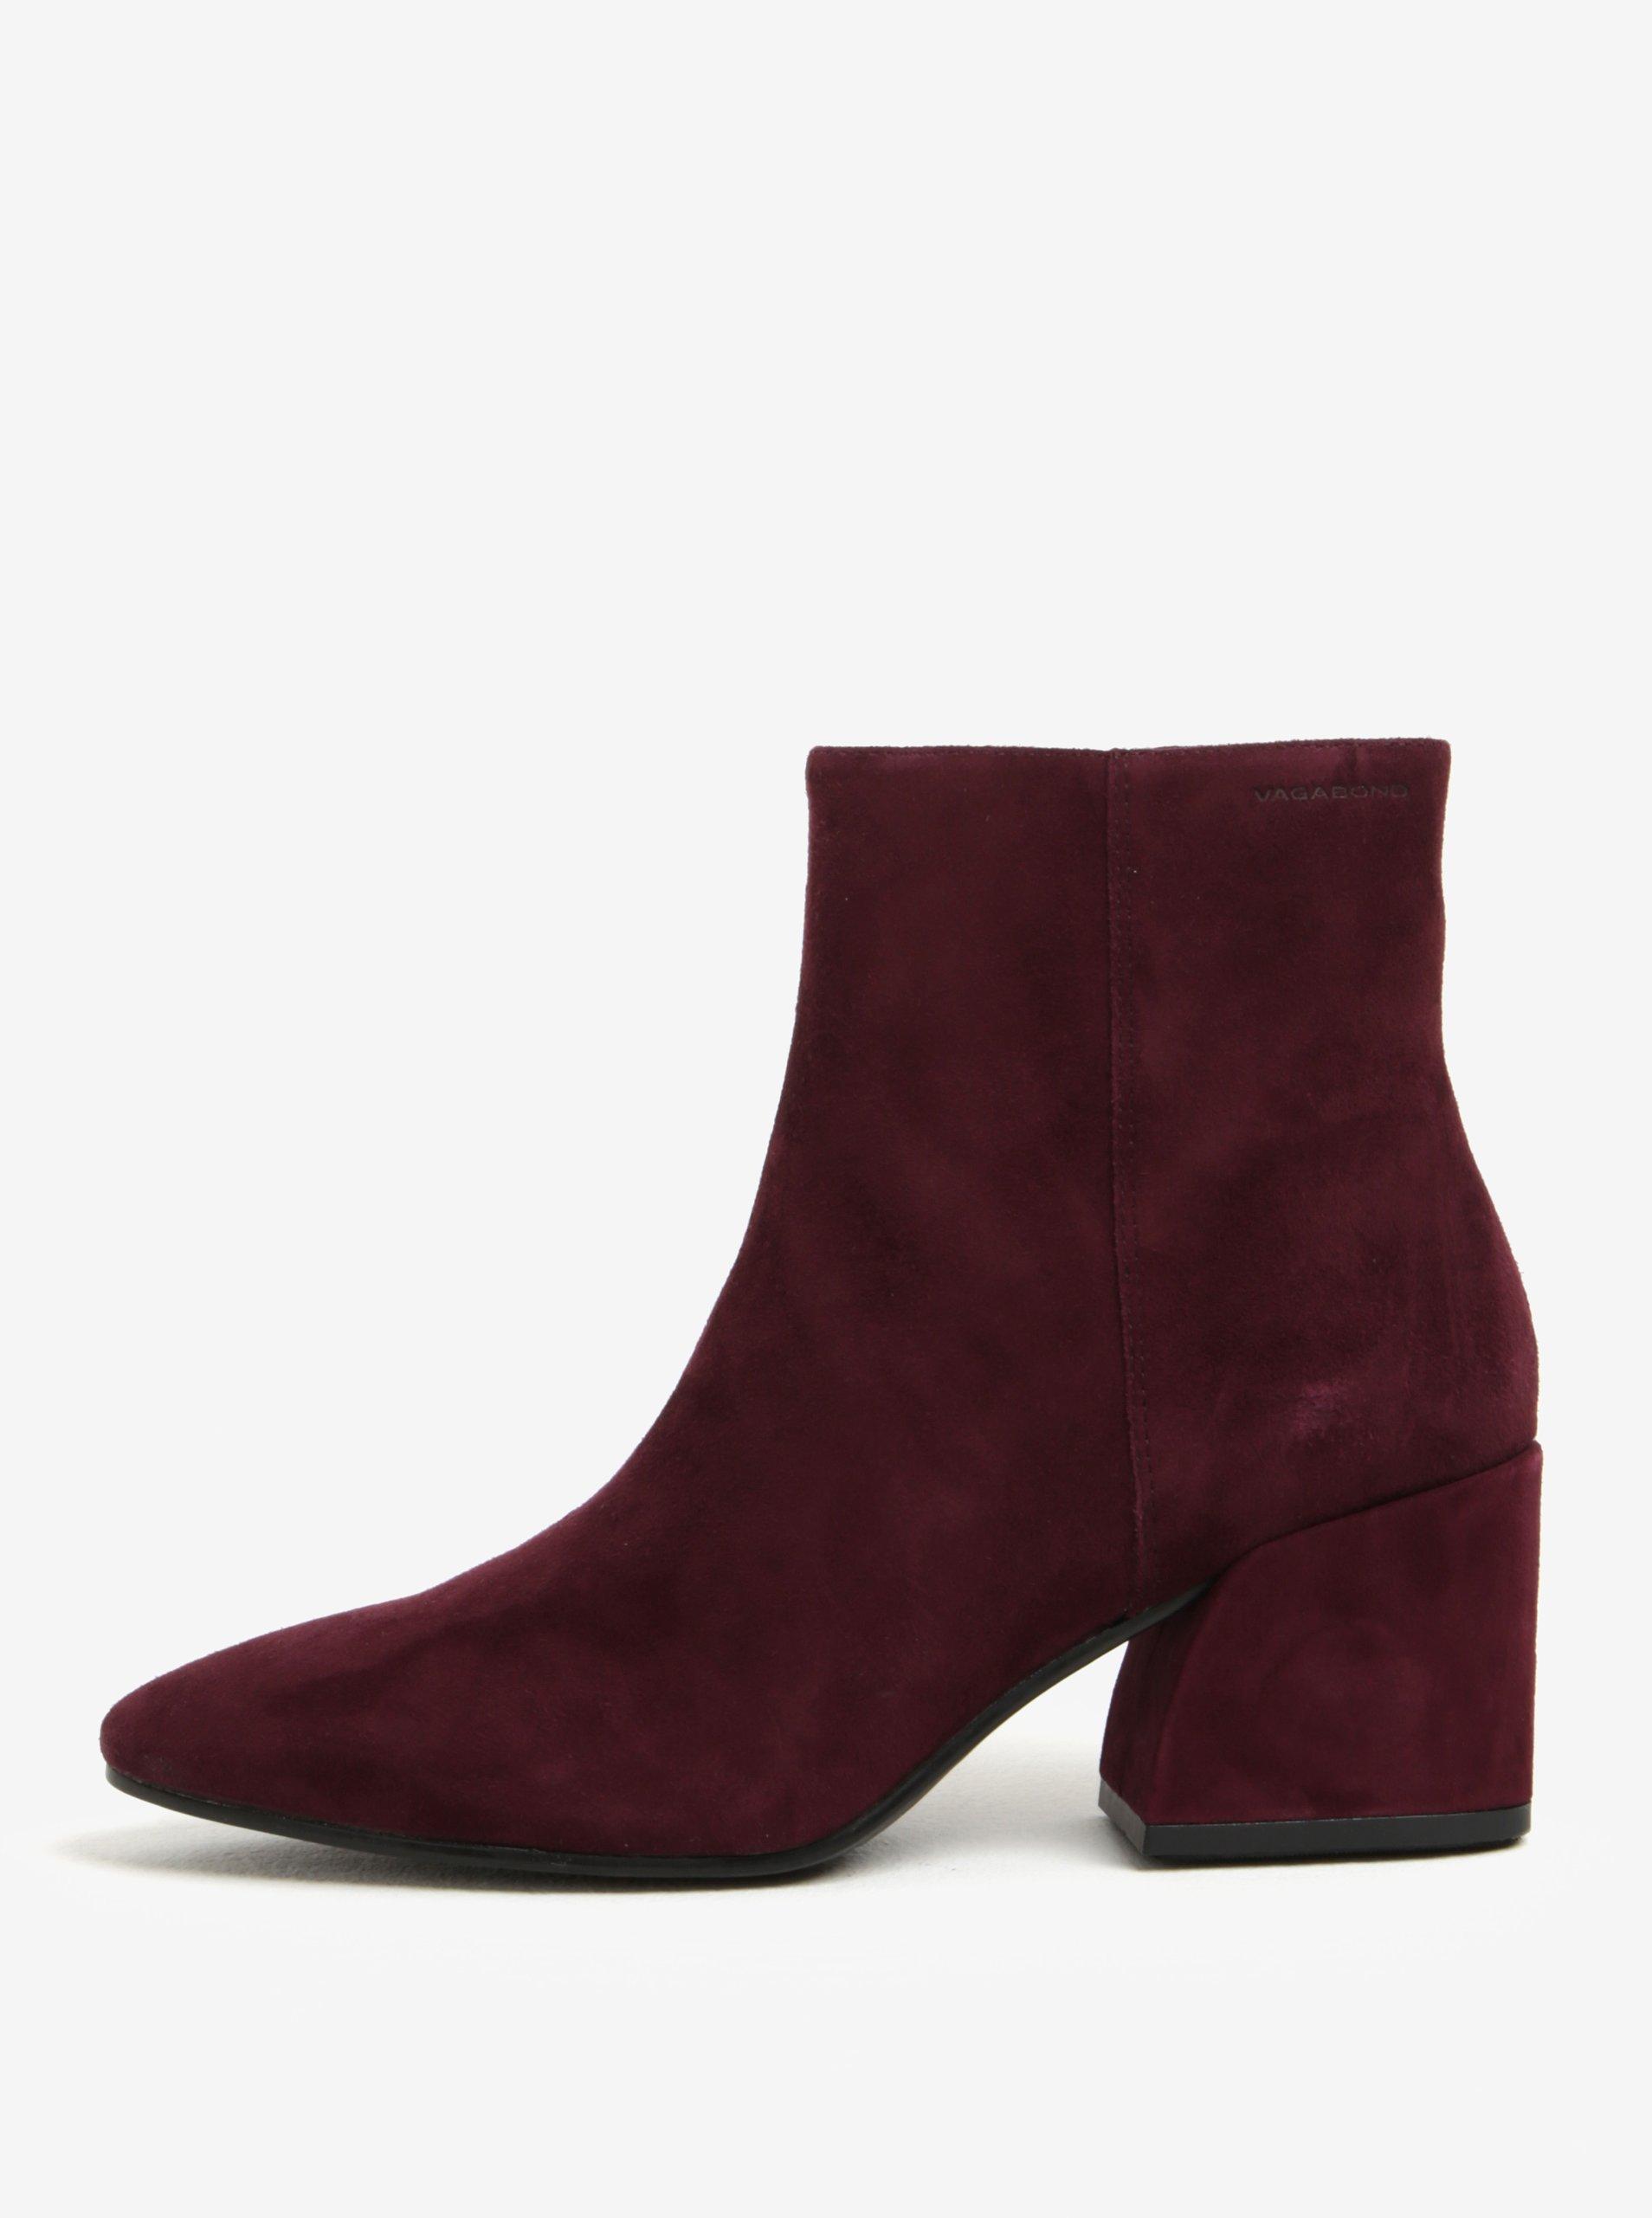 Vínové dámské semišové kotníkové boty na podpatku Vagabond Olivia